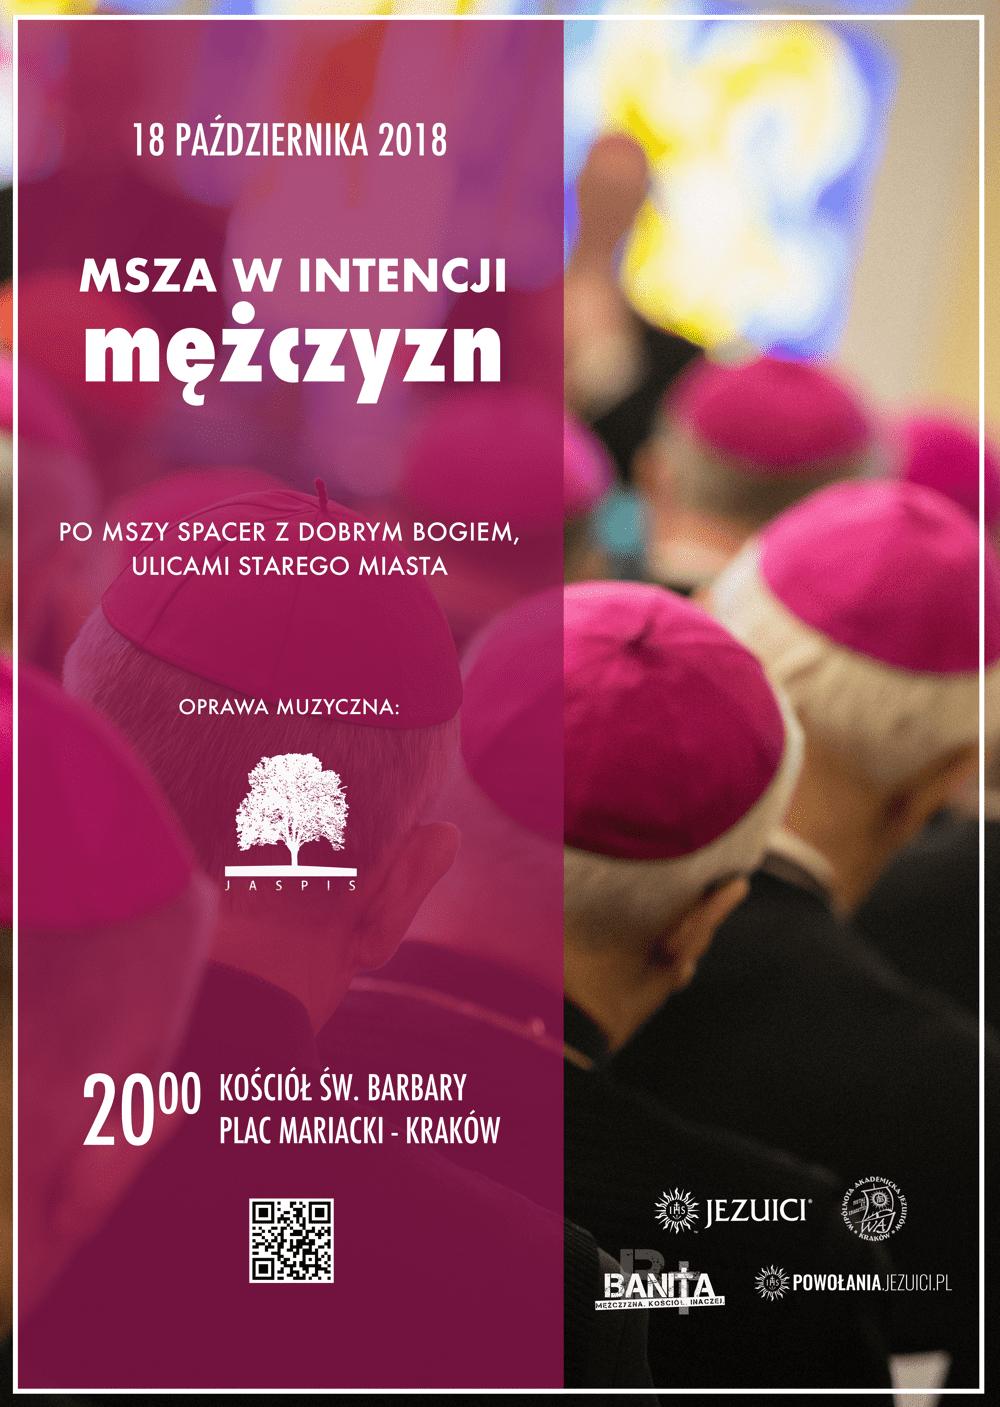 Msza w intencji mężczyzn – 18 X 2018, godz. 20.00